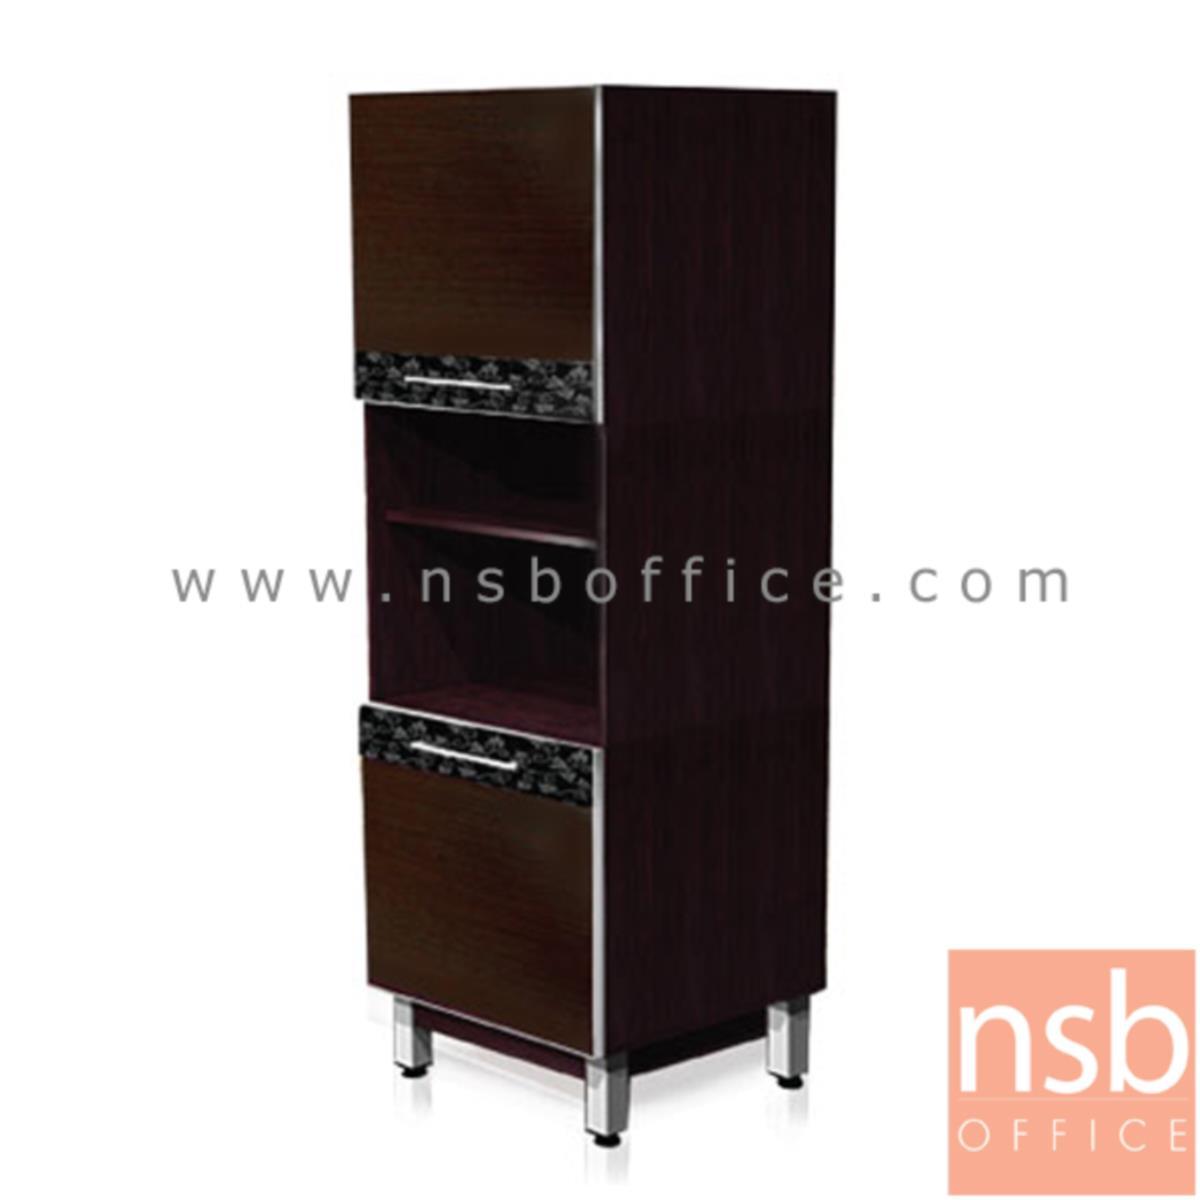 K03A031:ตู้ครัวสูง 2 บานเปิด บน-ล่าง 2 ช่องโล่ง  รุ่น Balmain (บัลแมง)